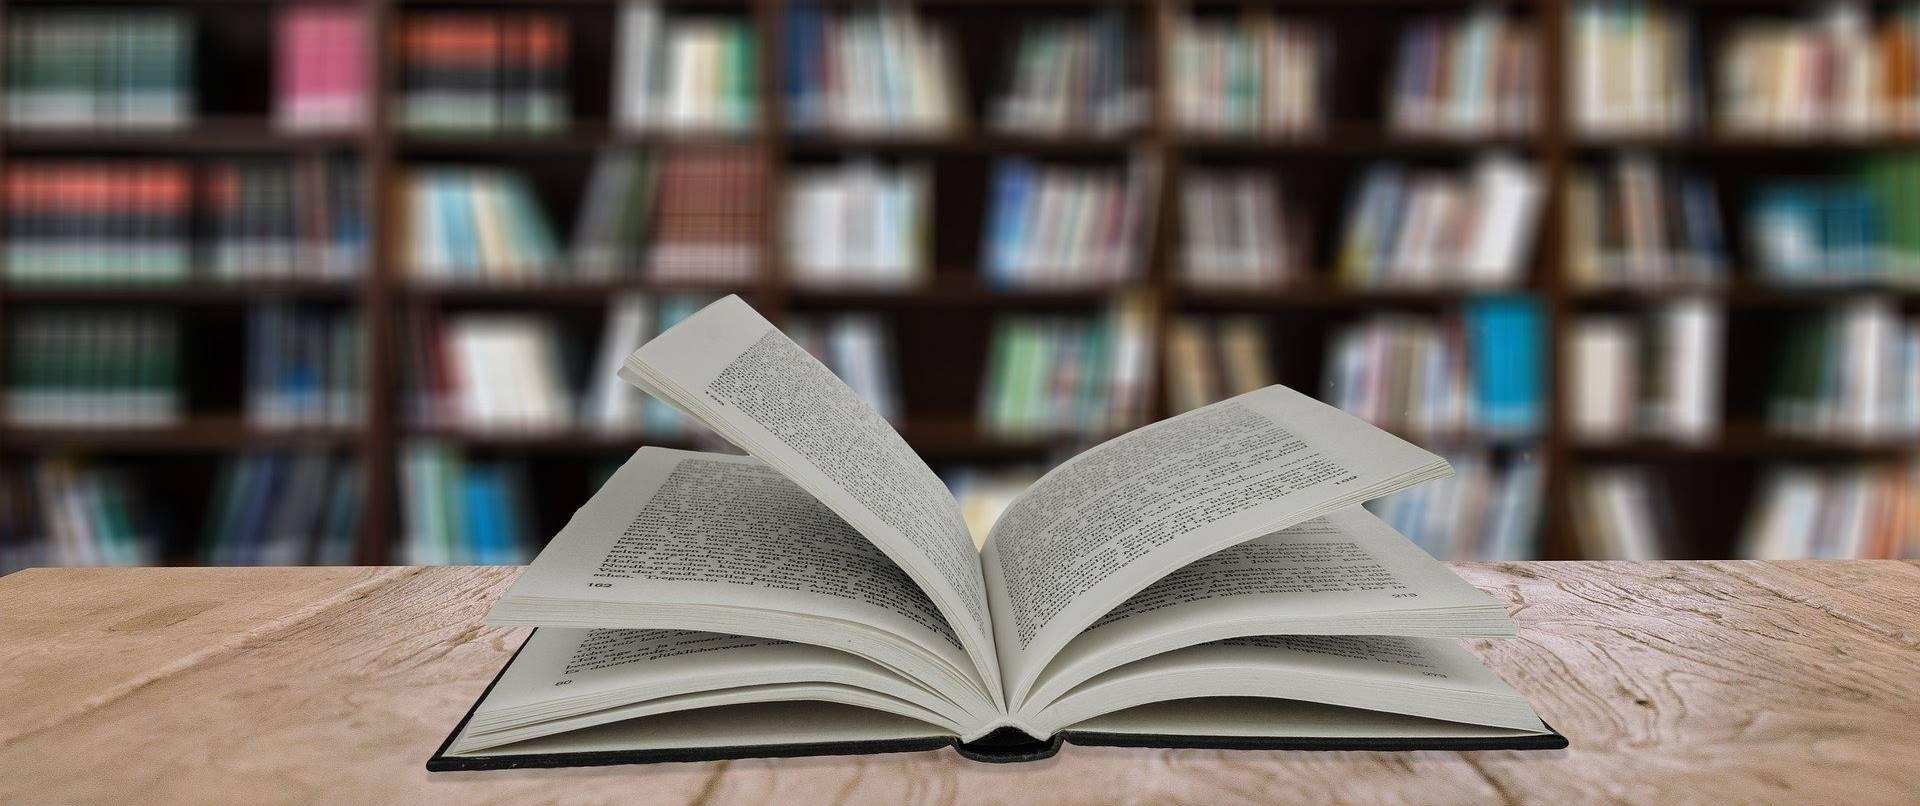 Aandacht voor laaggeletterdheid tijdens jaarlijkse Week van Lezen en Schrijven